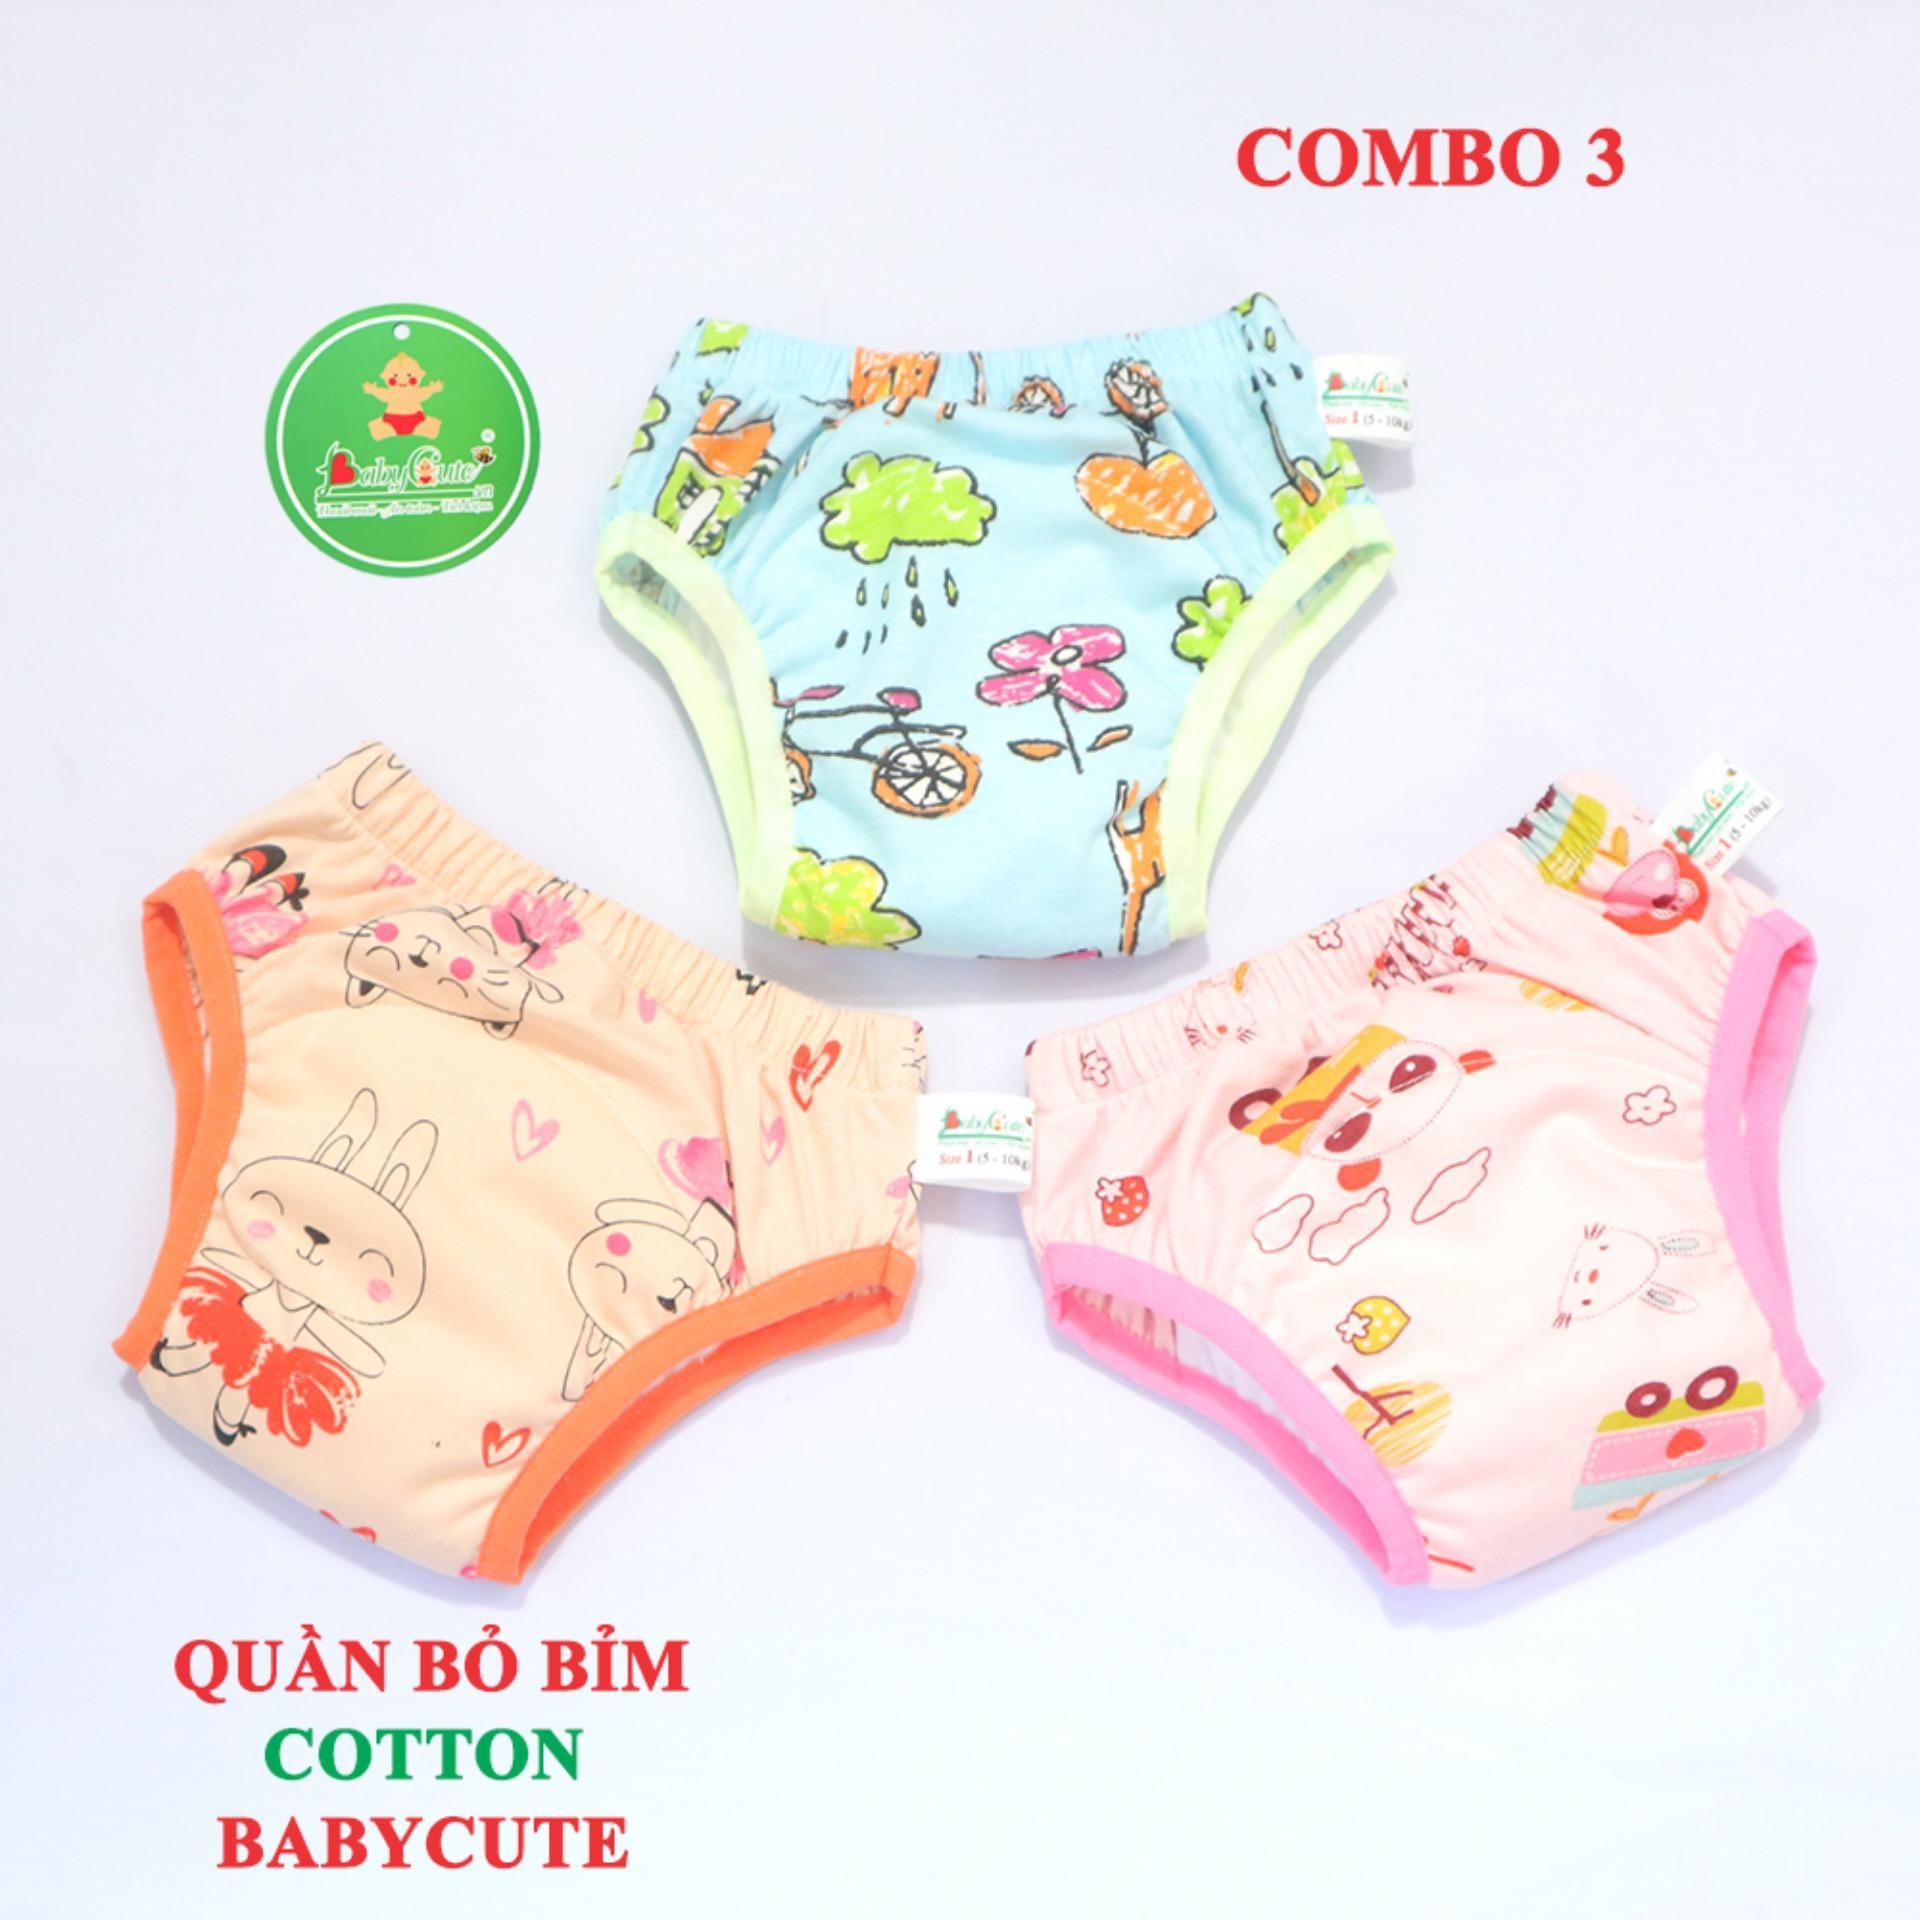 Combo 3 Quần Bỏ Bỉm Cotton Cao Cấp BabyCute size 1 (5 - 10kg) - mẫu ngẫu nhiên cho bé Gái